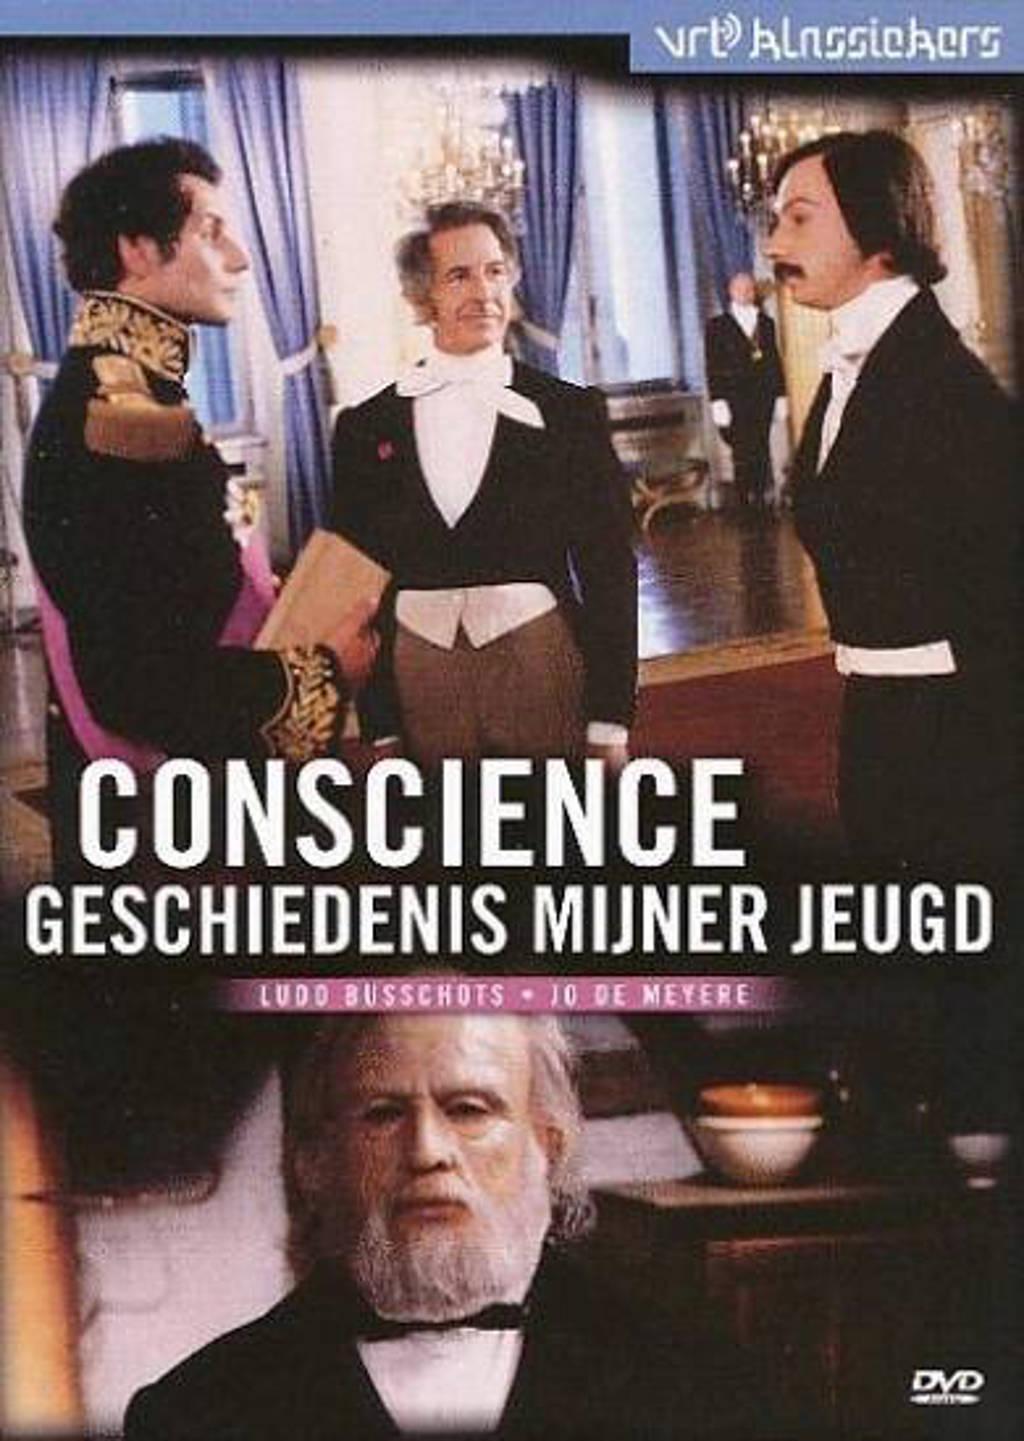 Conscience: geschiedenis mijner jeugd (DVD)